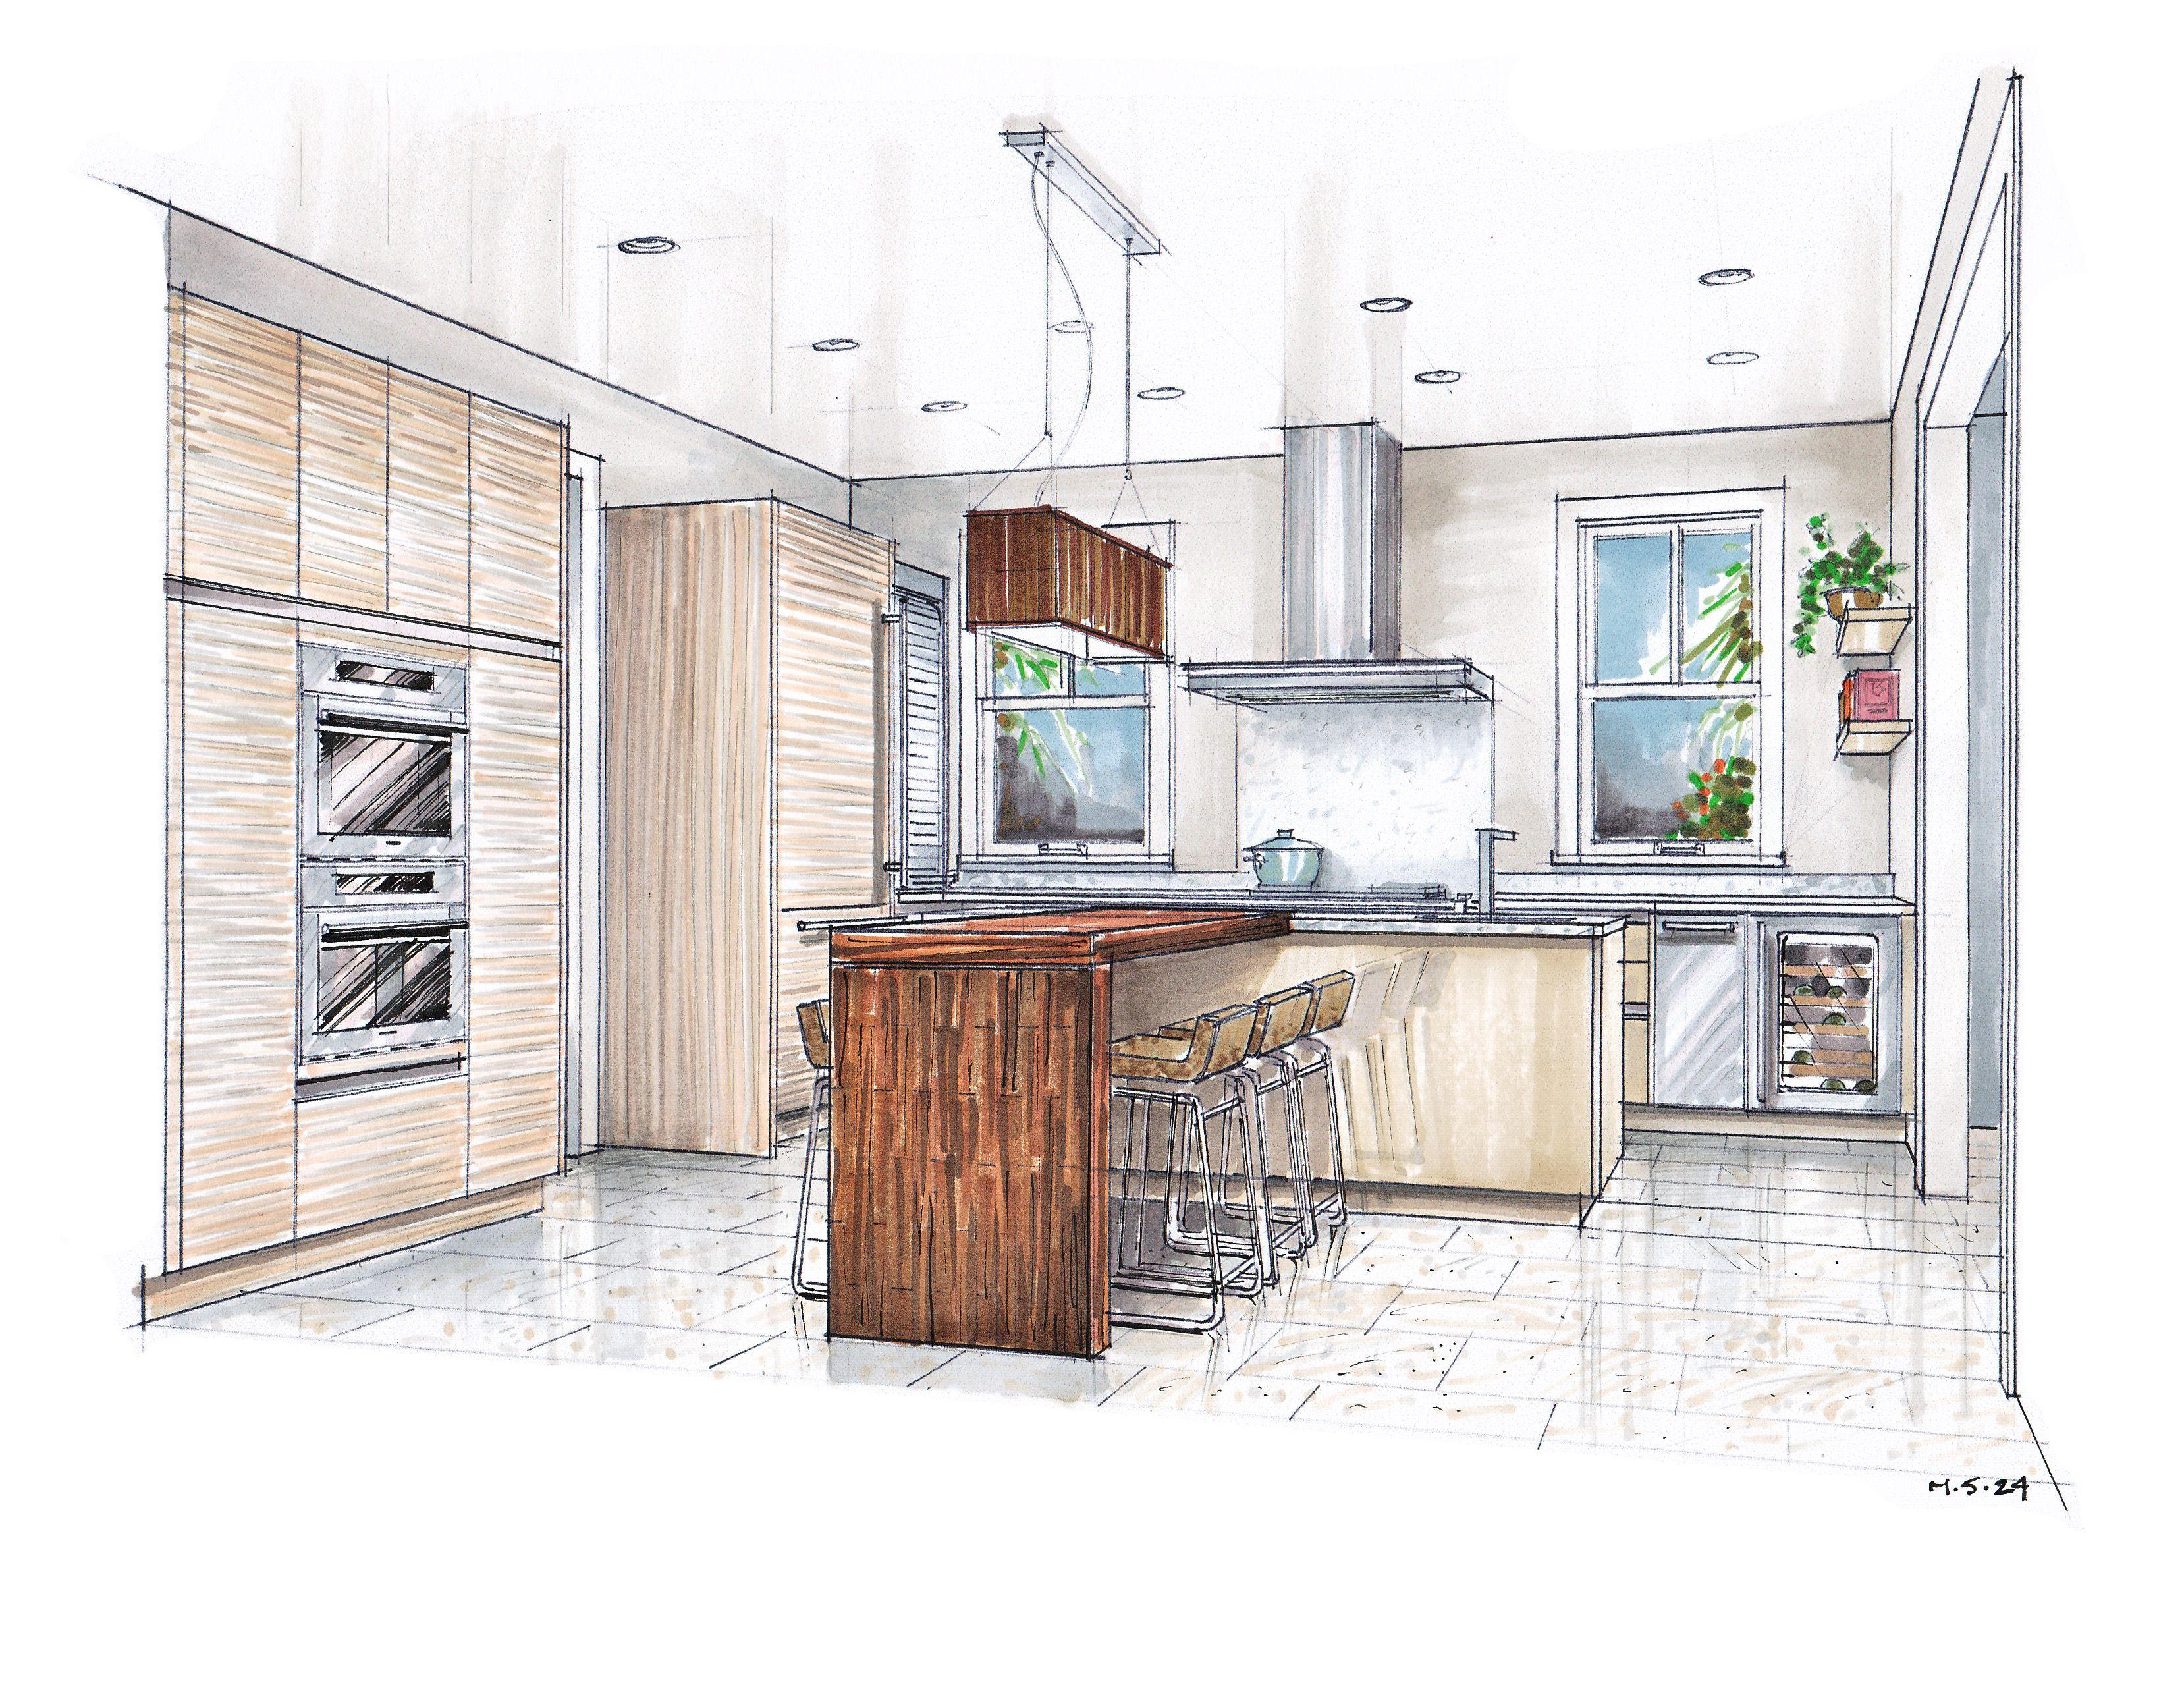 Luxury Development Kitchen Rendering Hand Drawn By Mick